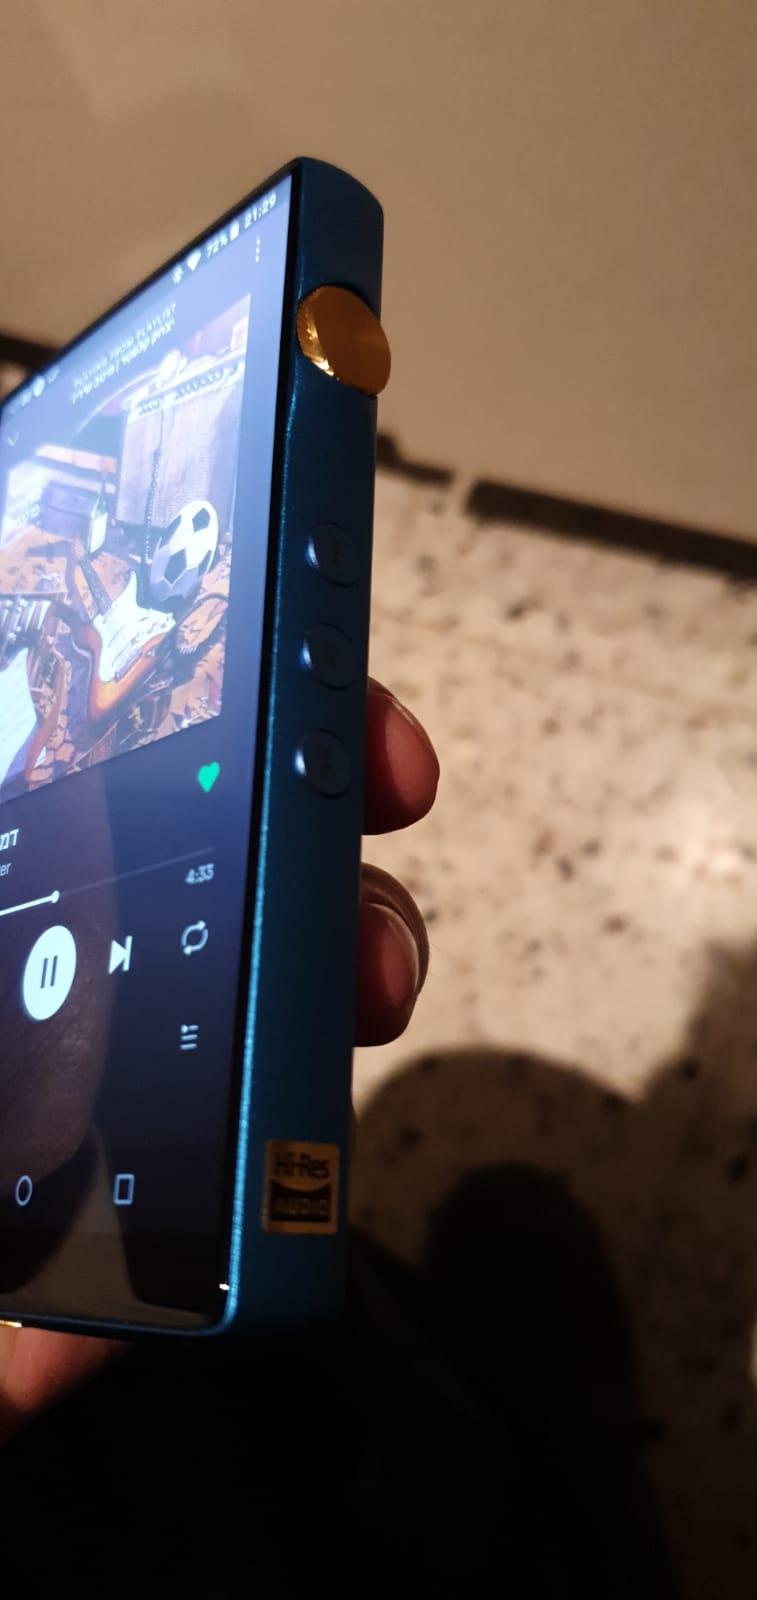 WhatsApp Image 2020-06-02 at 21.29.12.jpeg